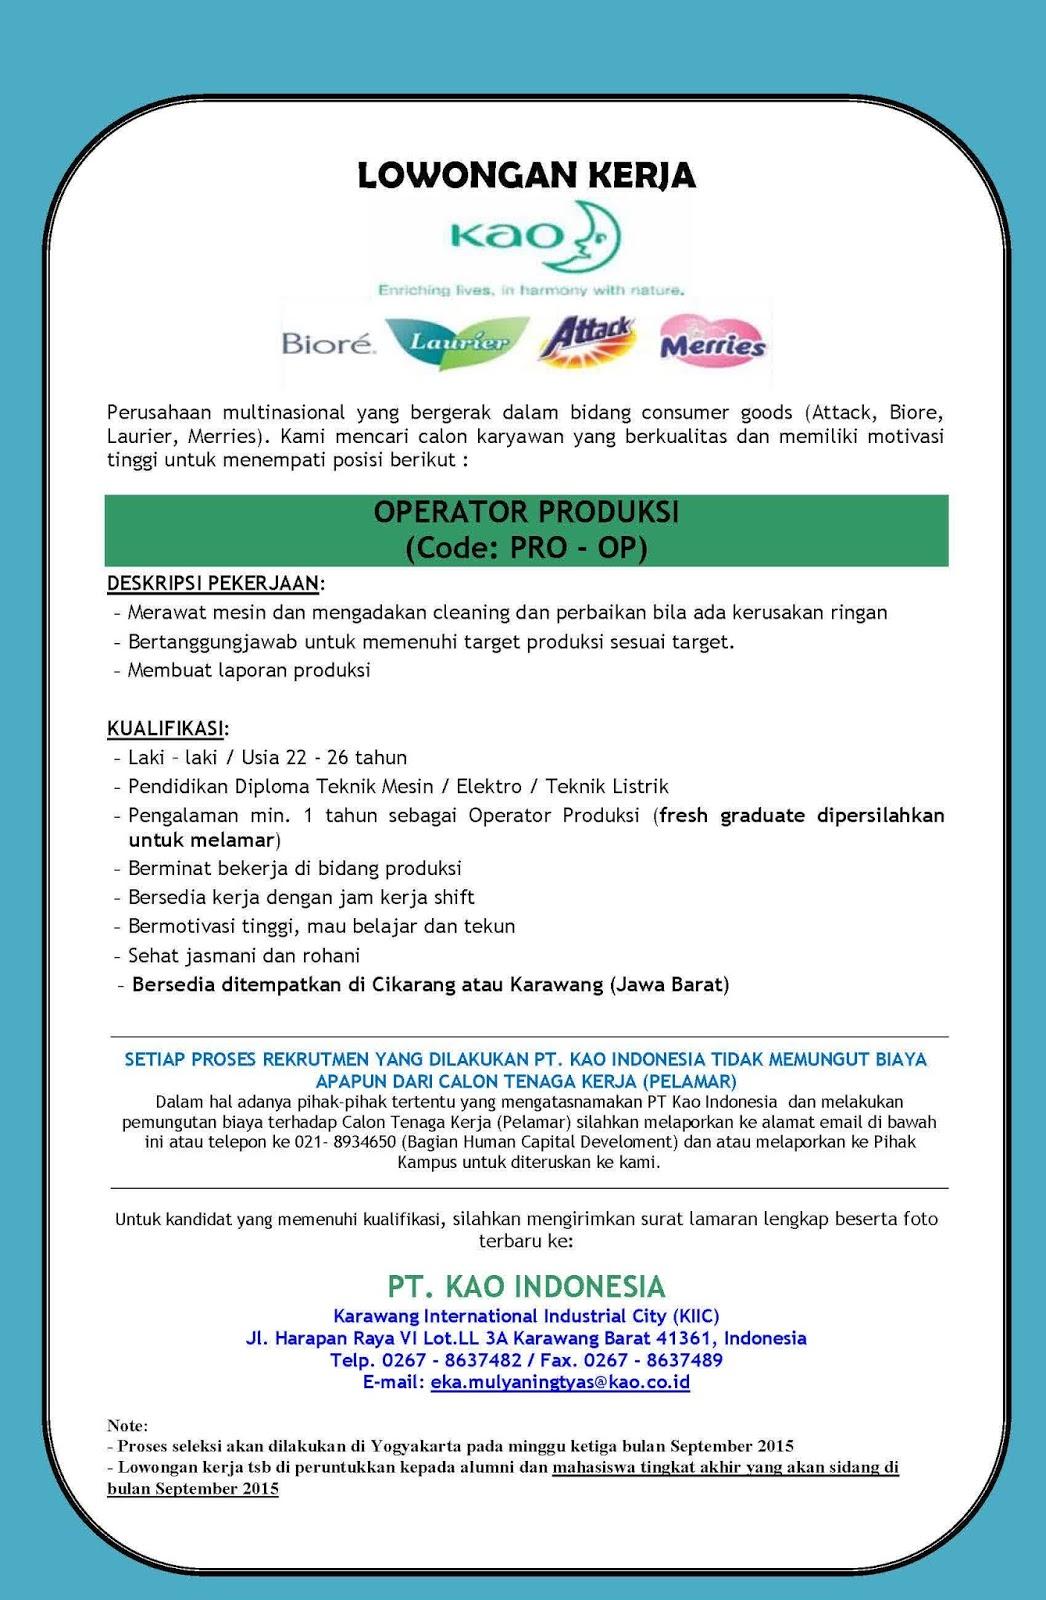 Lowongan di PT Kao Indonesia - Lowongan Kerja Terbaru